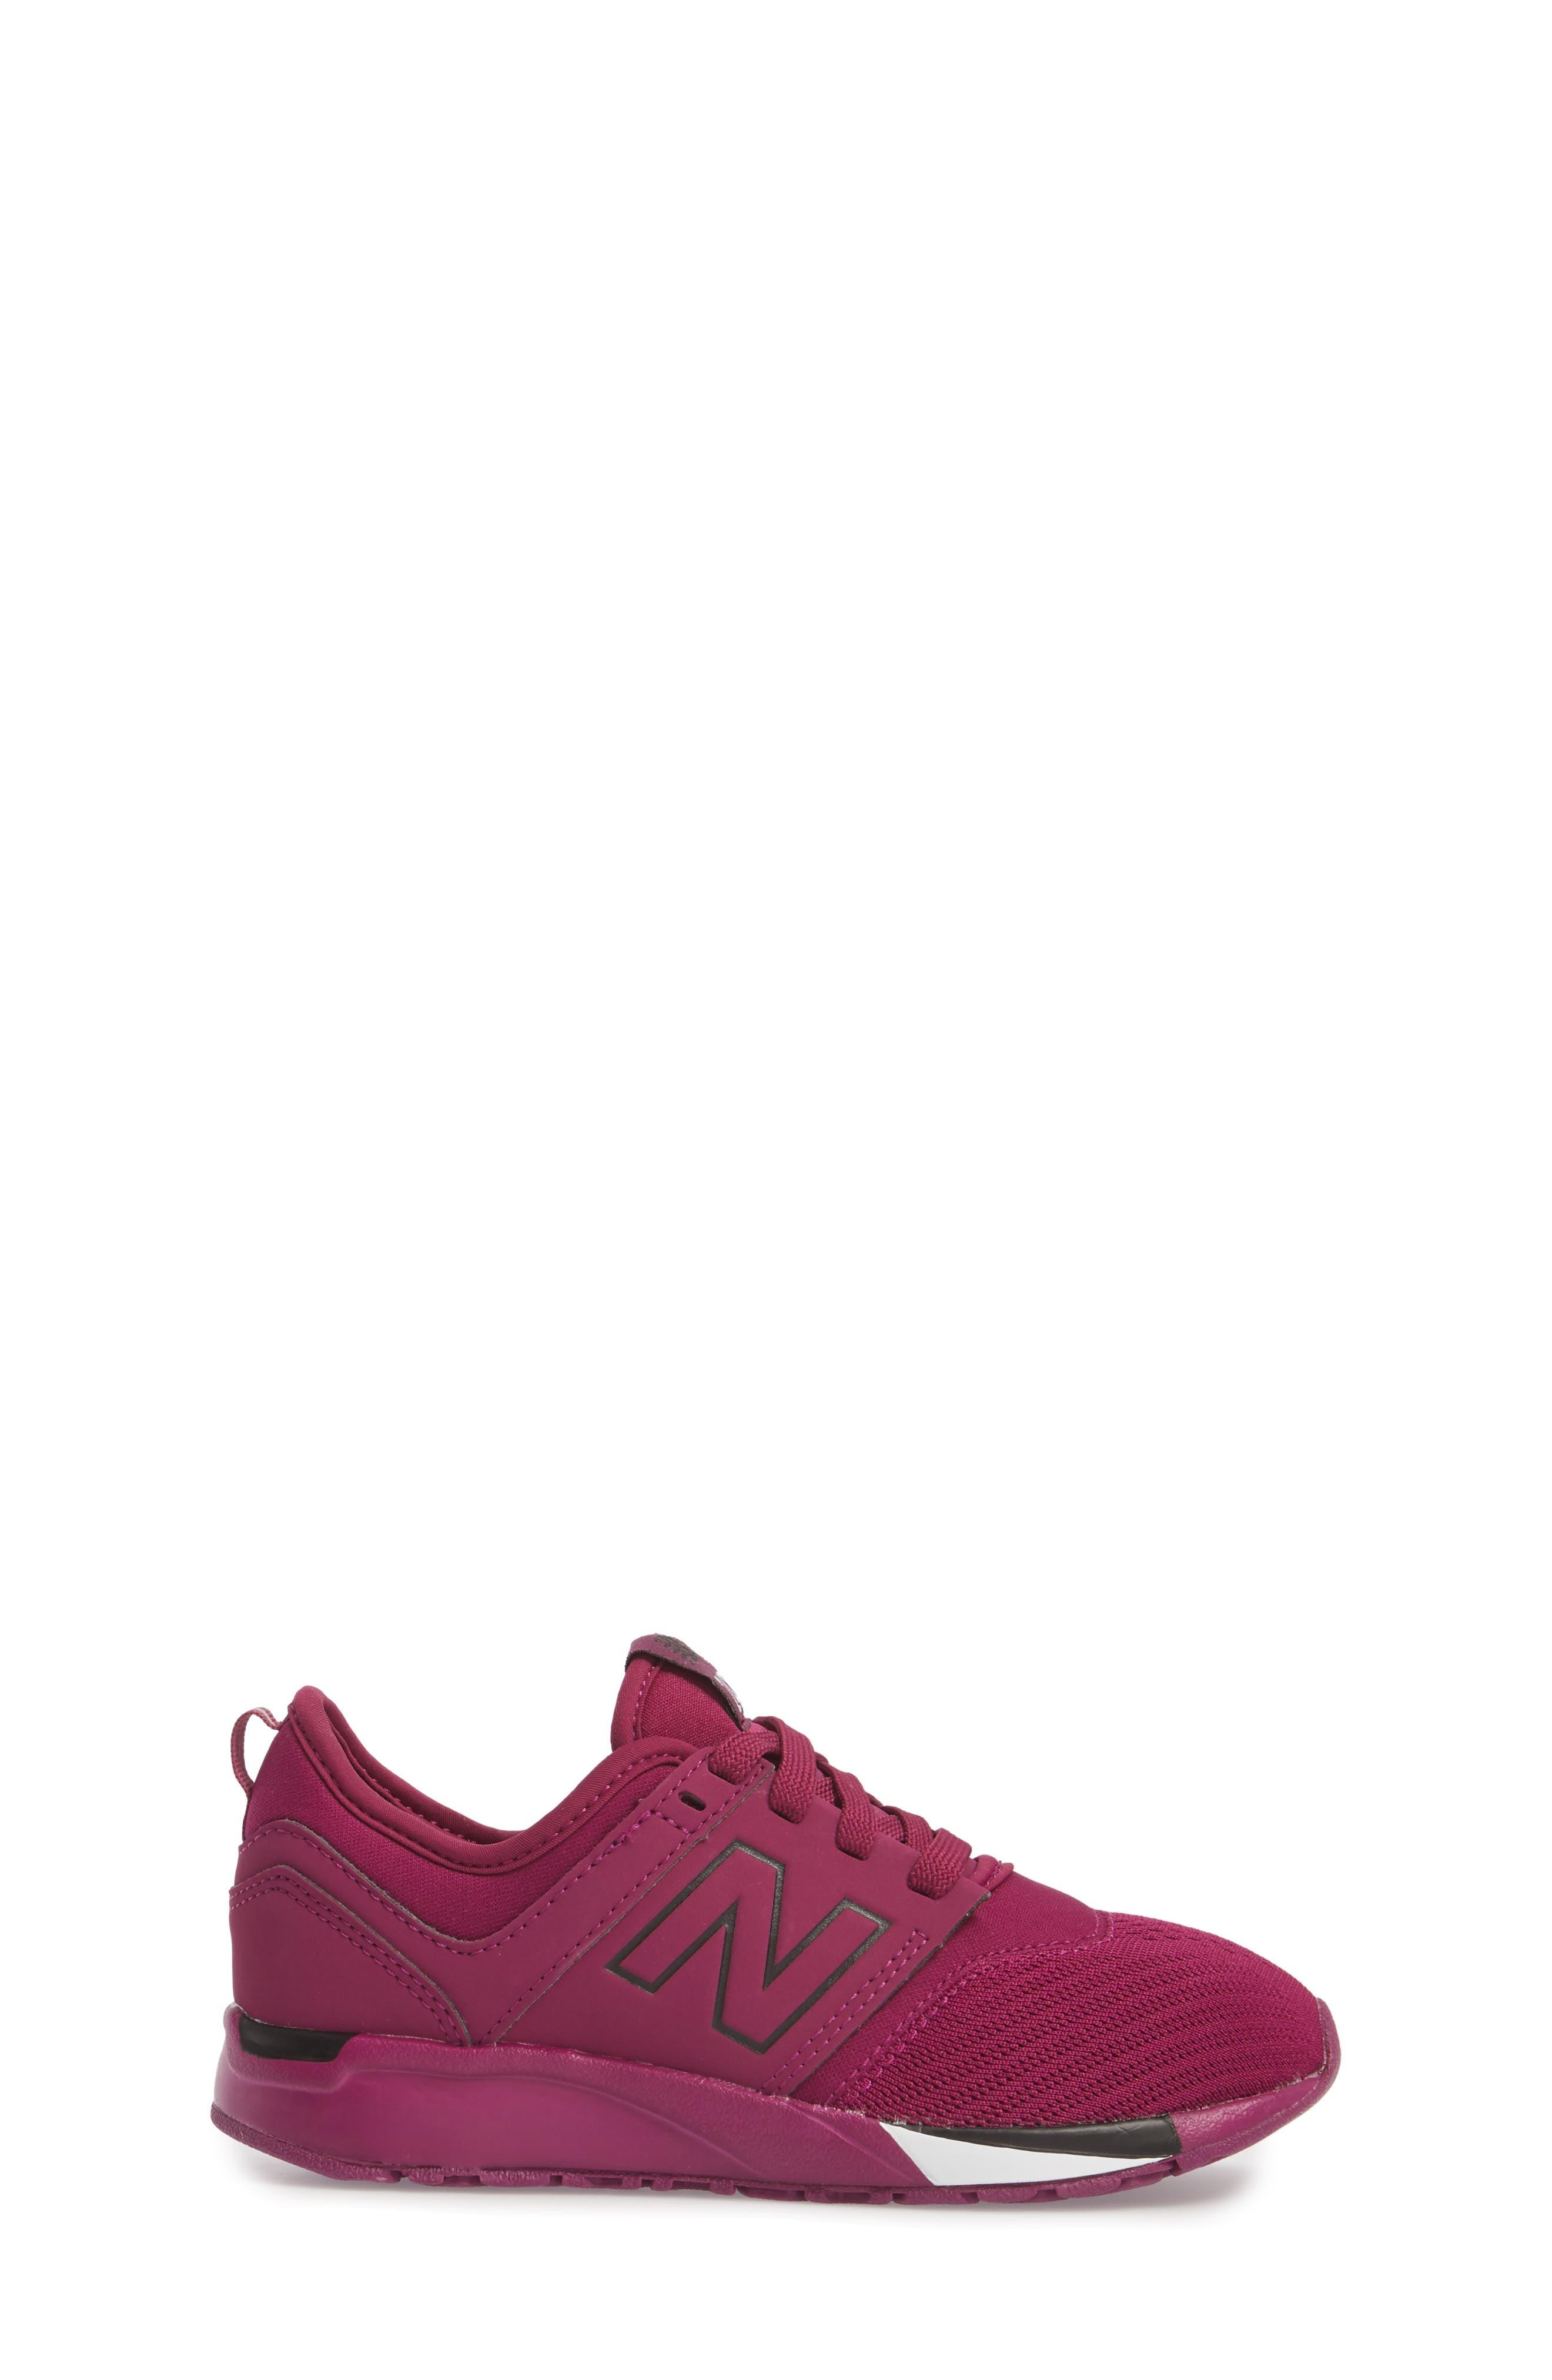 247 Sport Sneaker,                             Alternate thumbnail 6, color,